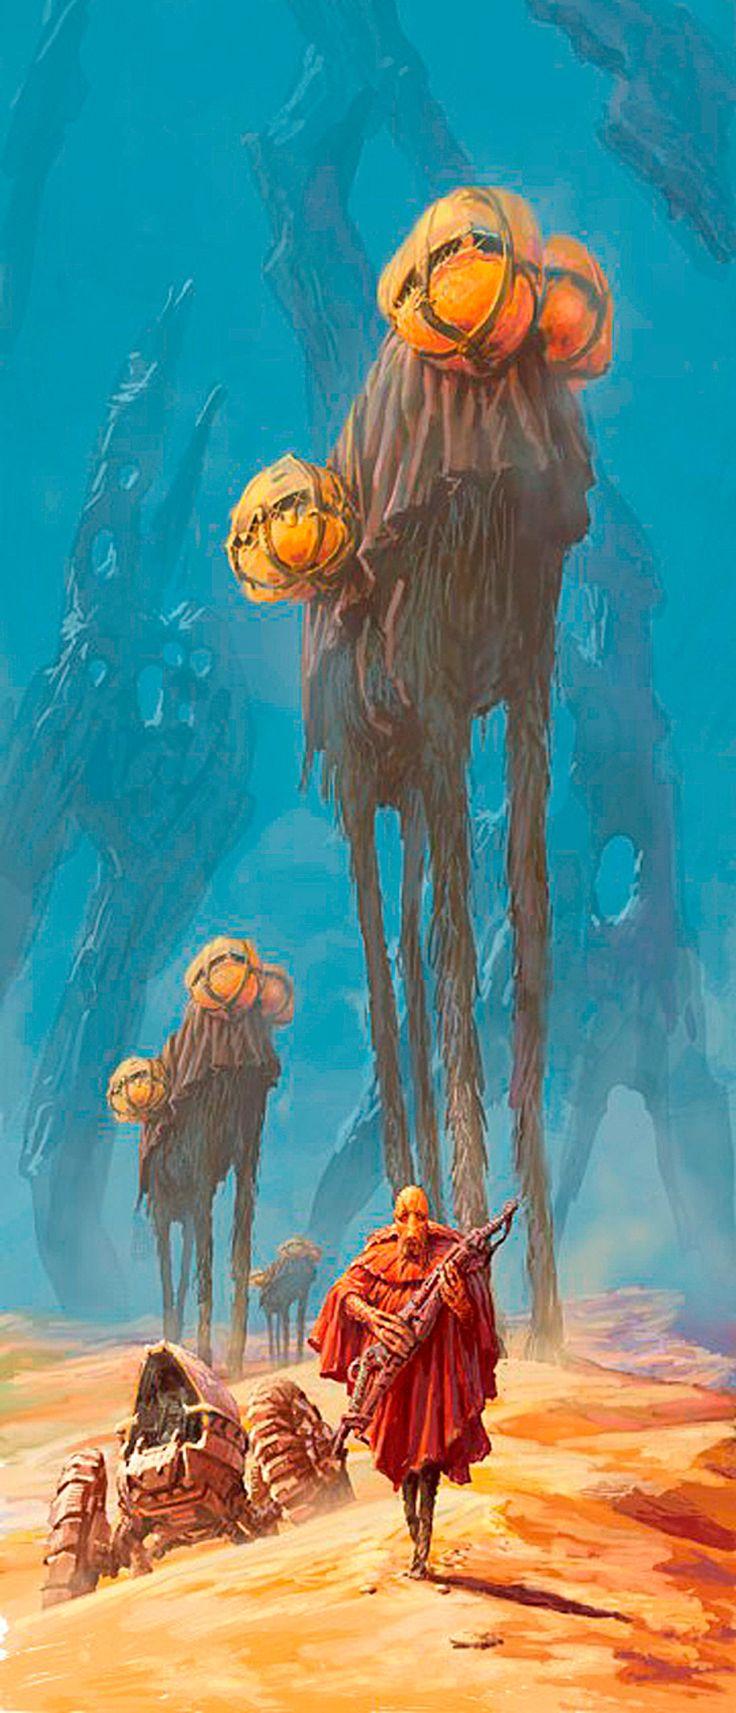 Igor Savin - #dune #artwork #art #scifi concept based on Dune?